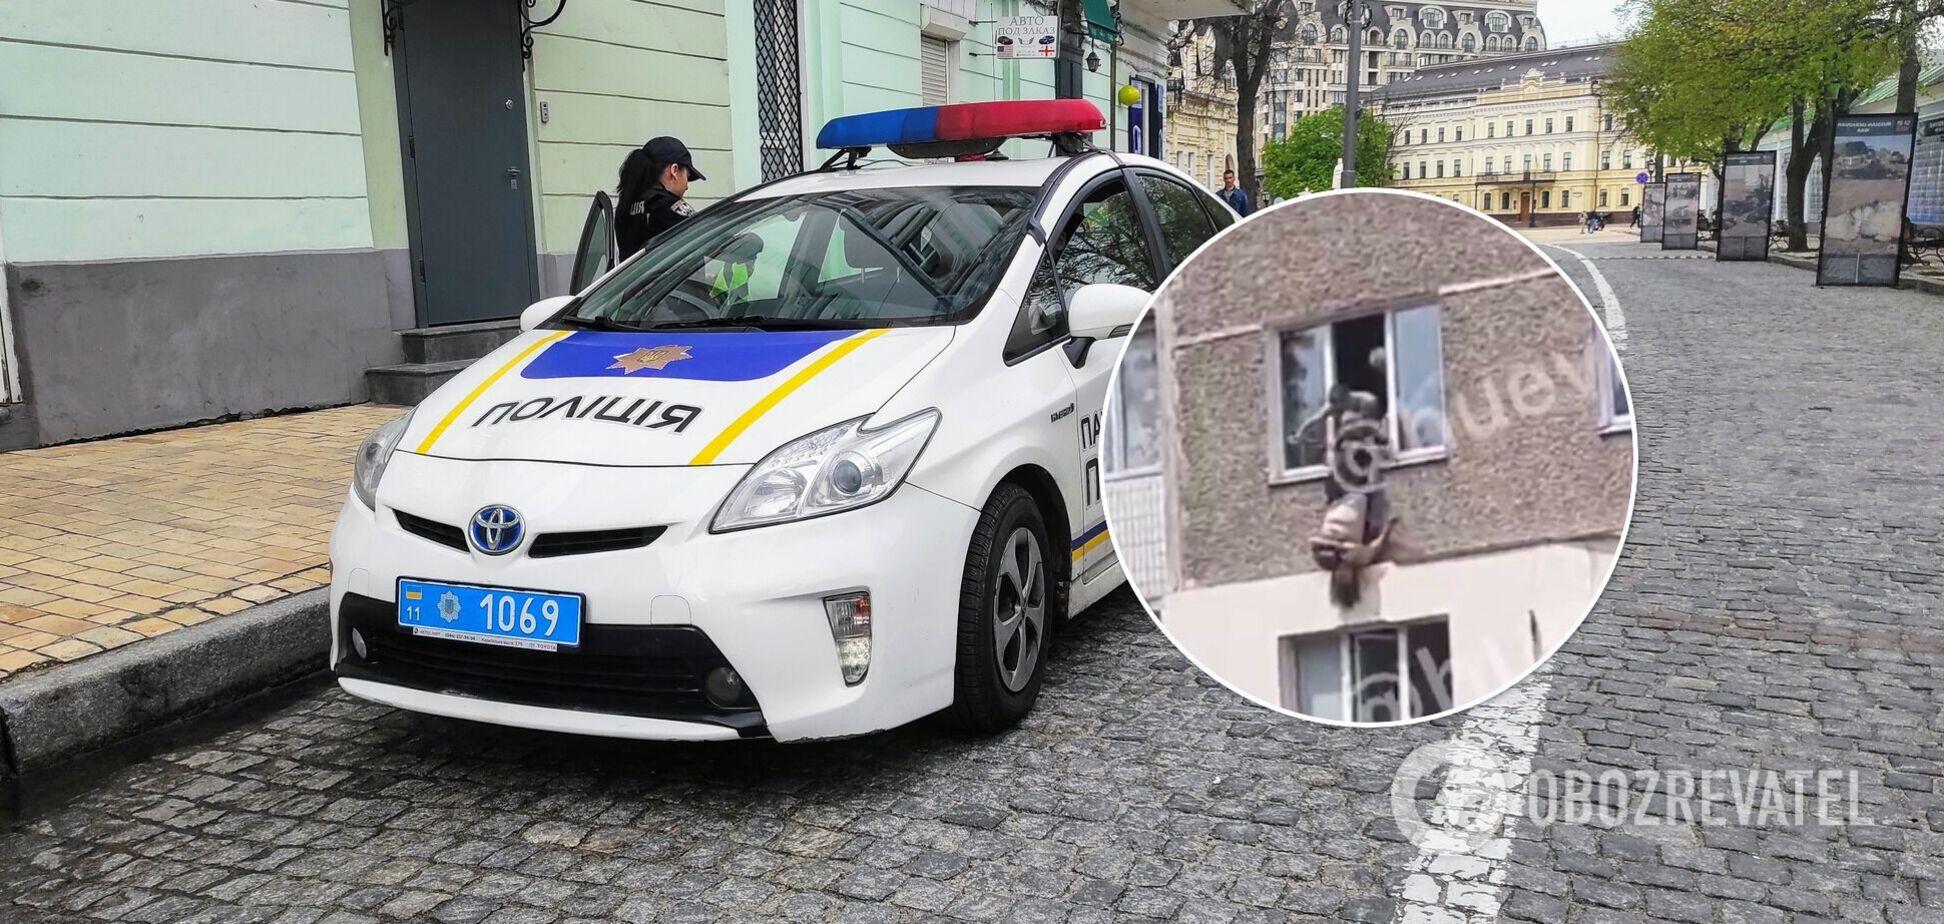 Інцидент стався в Дарницькому районі столиці